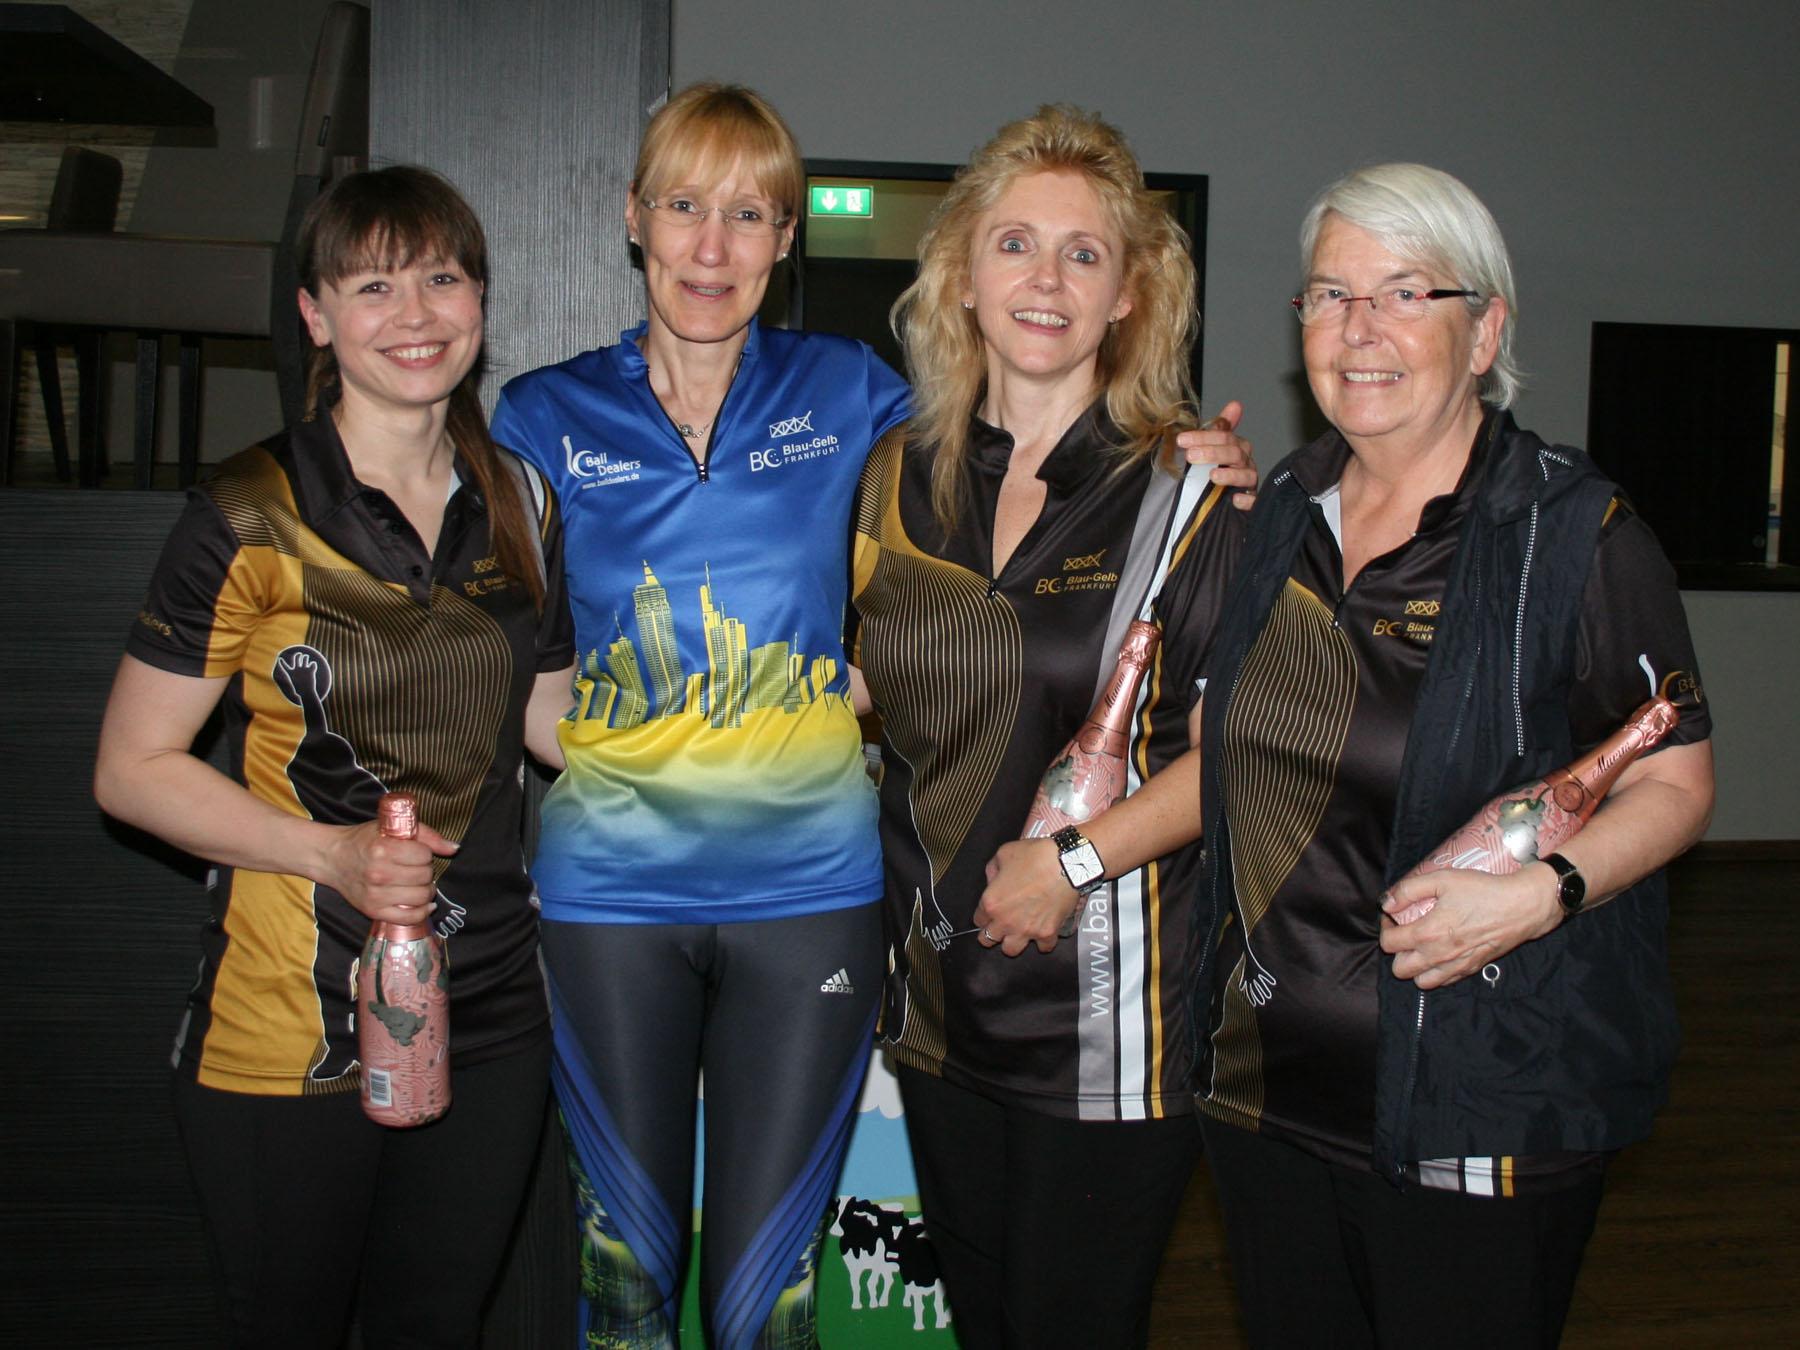 Platz 3: Irina und Petra (außen), Platz 2: Uta (2.v.l.), Platz 1: Petra (2.v.r.)